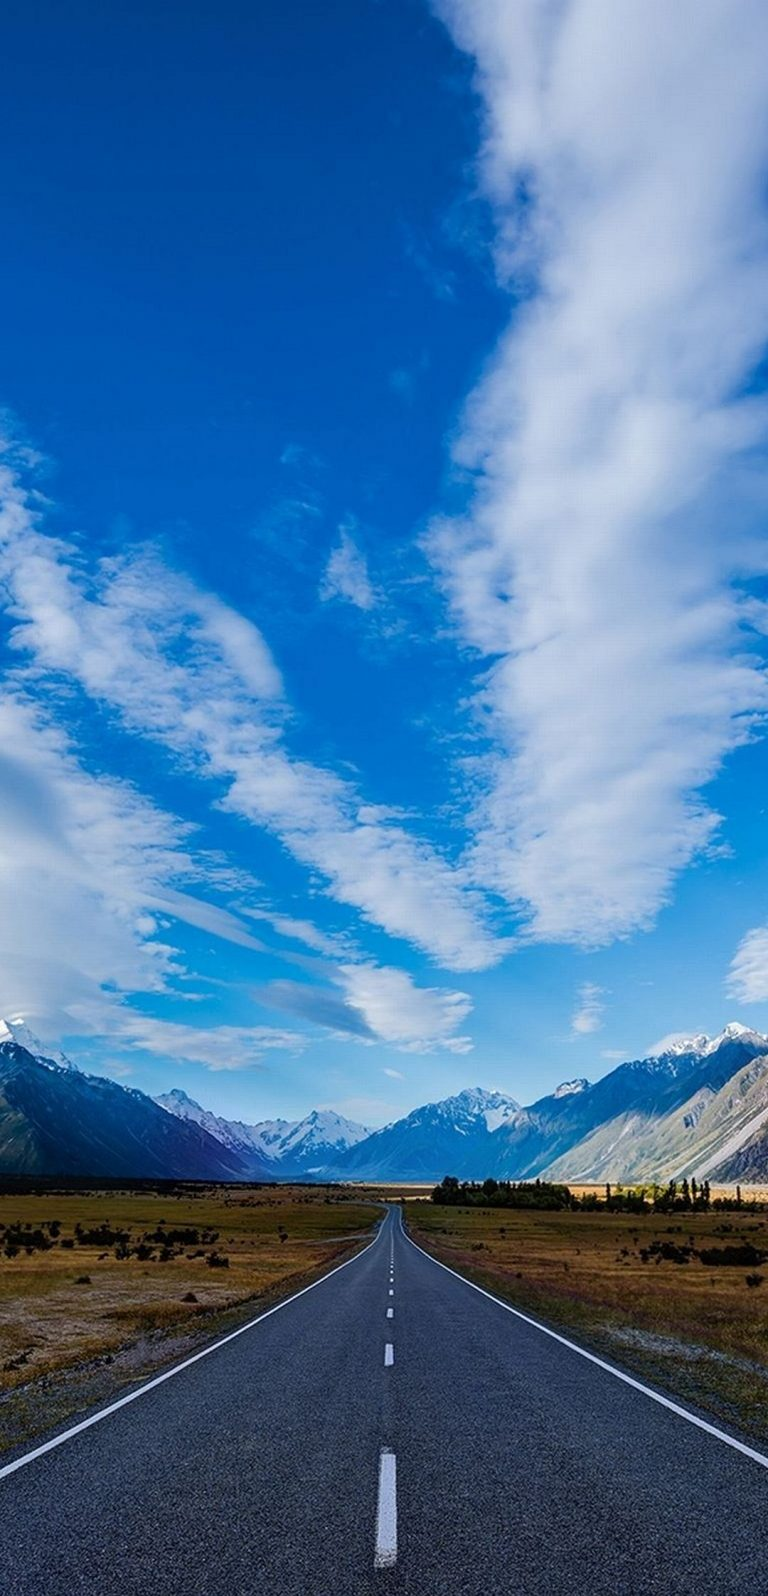 Road Sky Path 1080x2244 768x1596